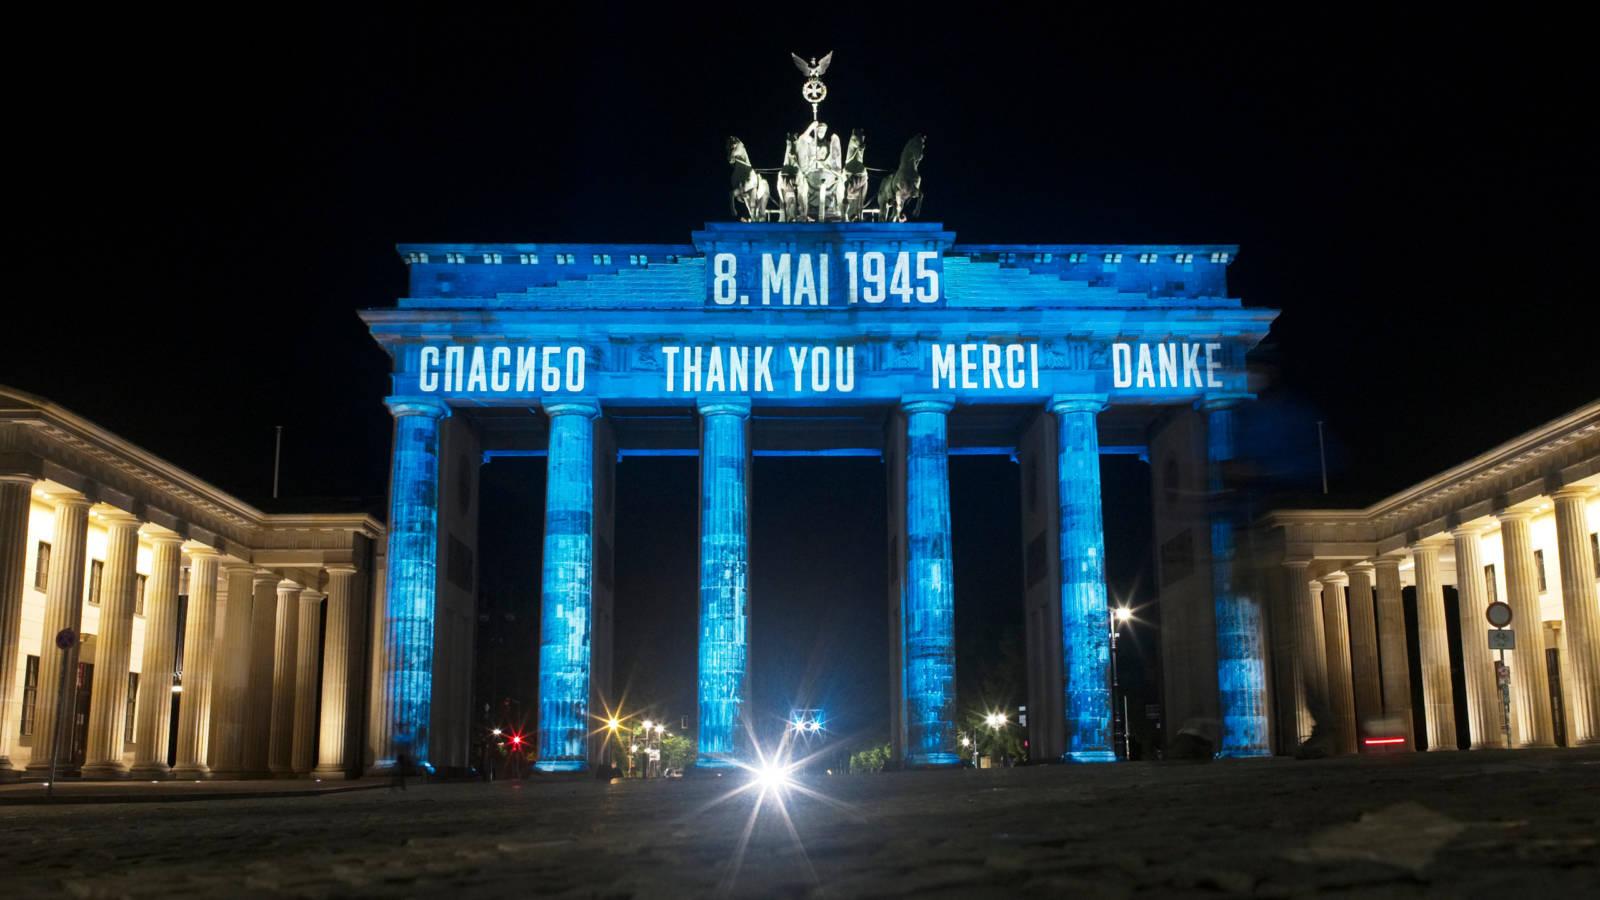 Németországnak nem kellene ünnepli a II. világháború befejezését az AfD egyik vezető politikusa szerint